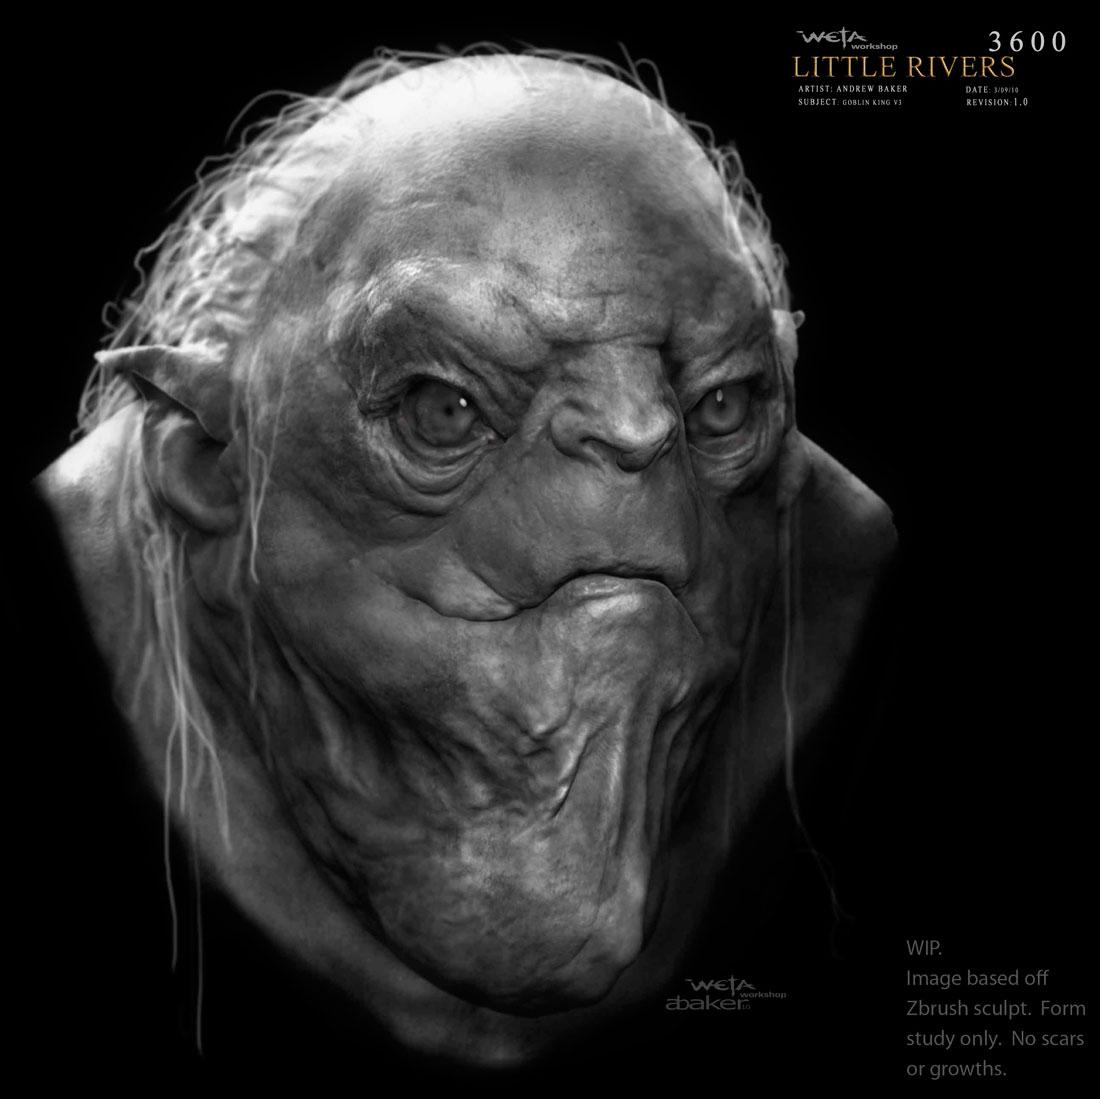 The Blog of the Hobbit: Andrew Baker's Goblin Designs